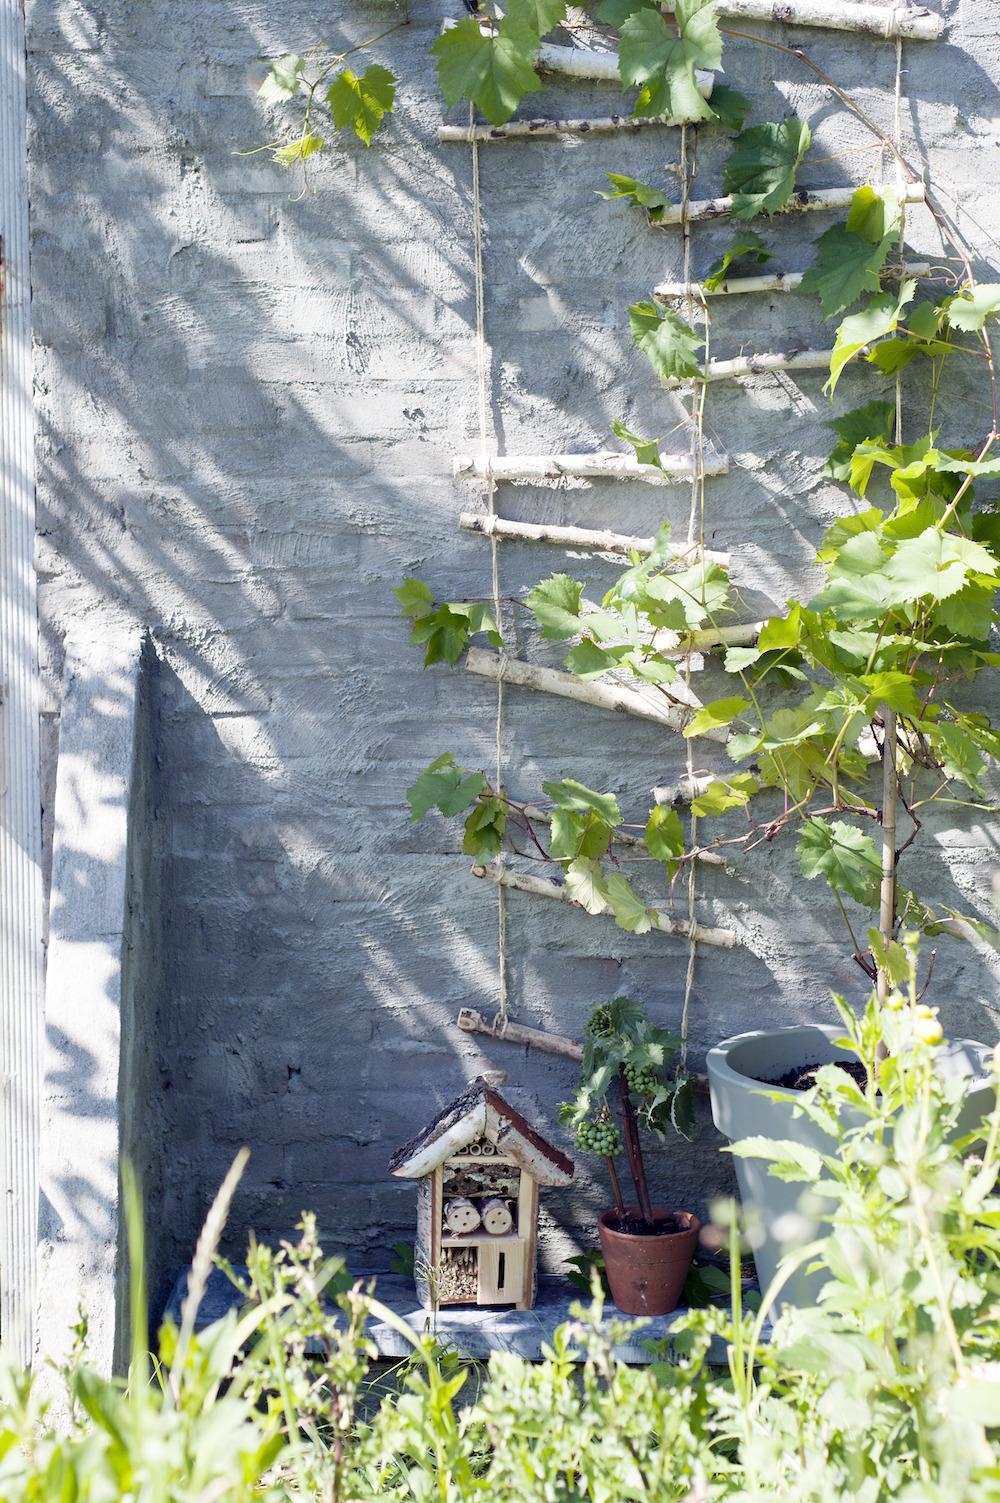 Klimmers op het balkon of het terras. Planten. Mooiwatplantendoen #balkon #terras